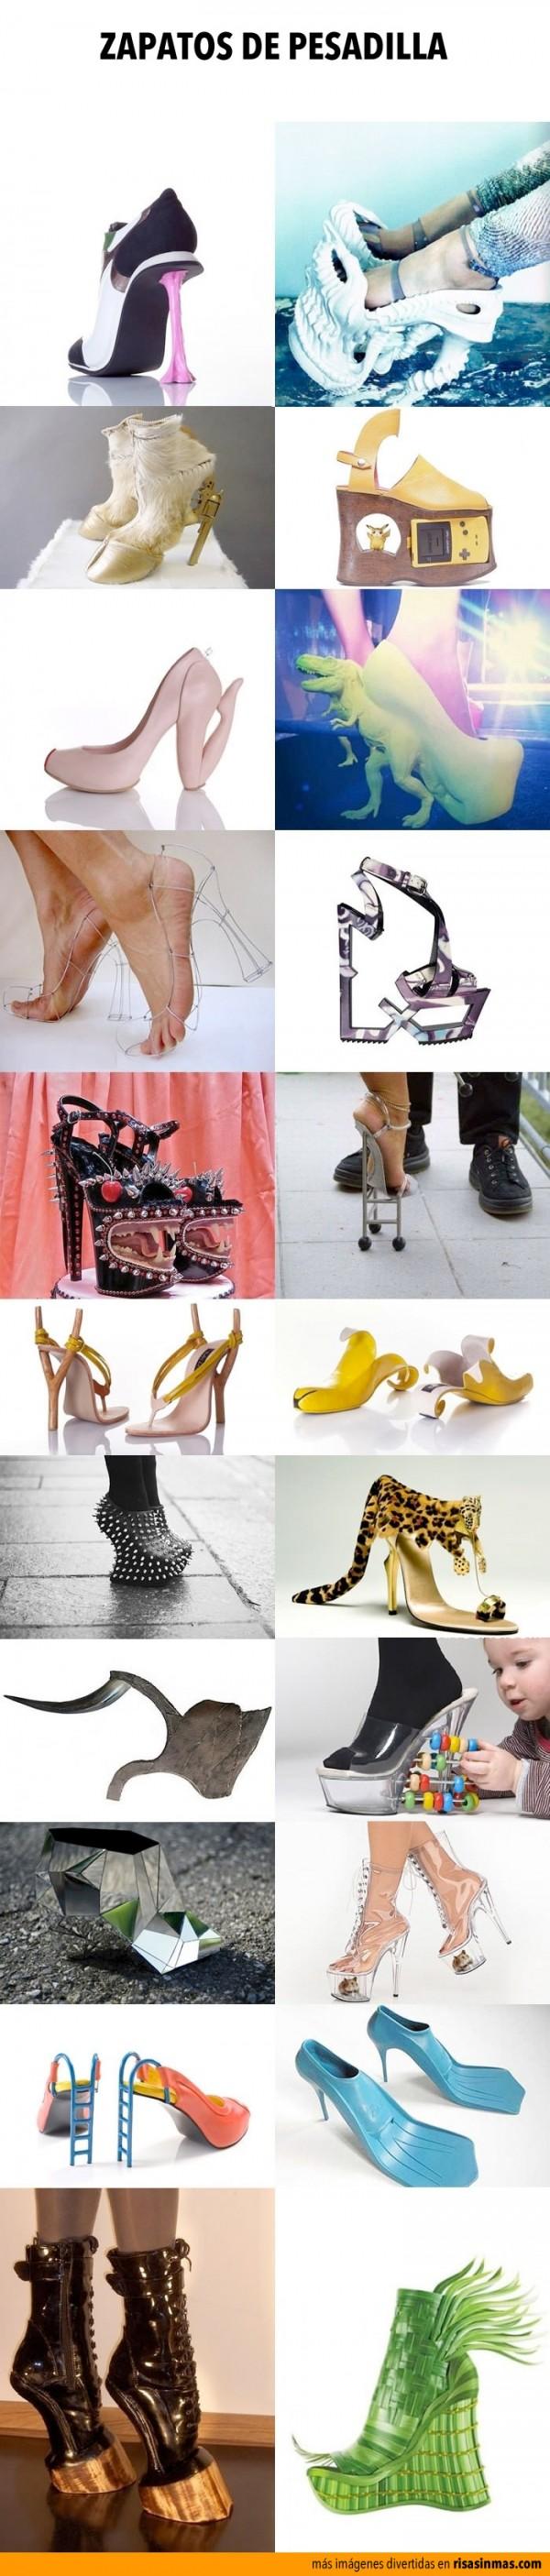 Zapatos de pesadilla